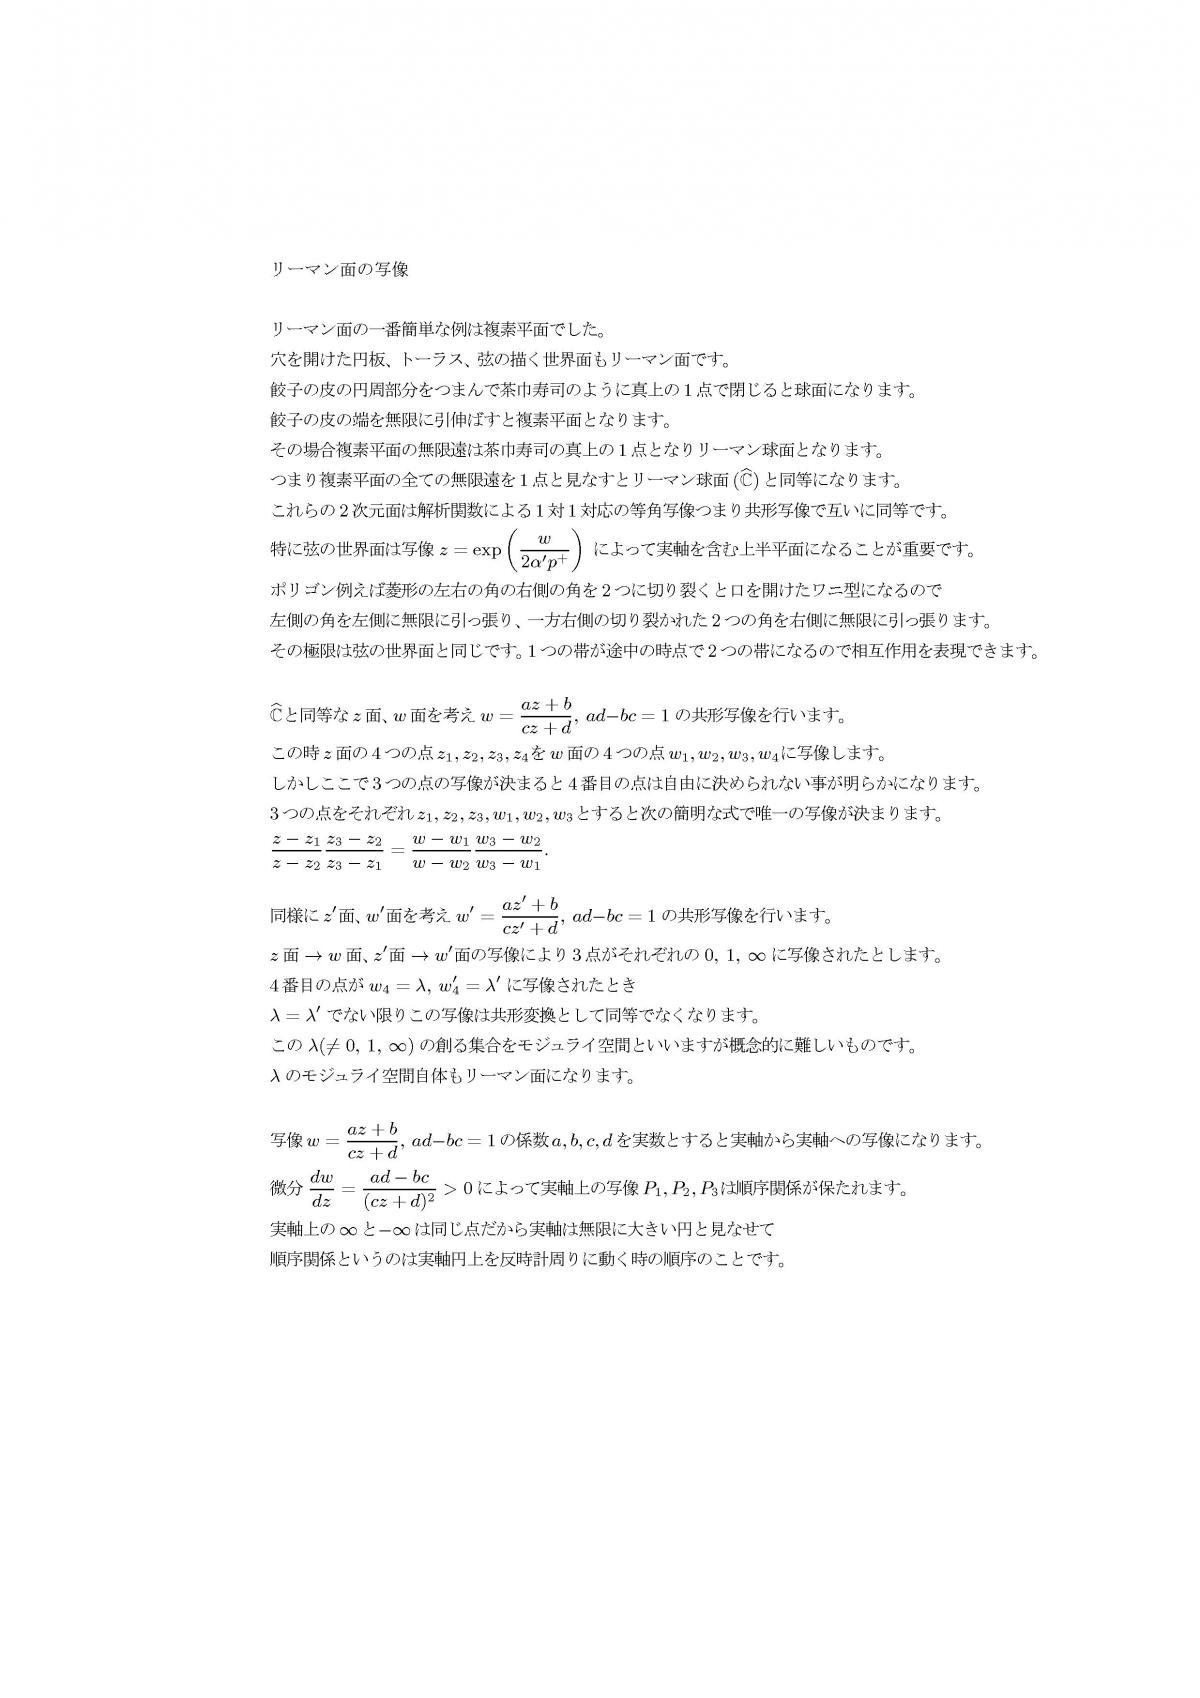 pgen47.jpg